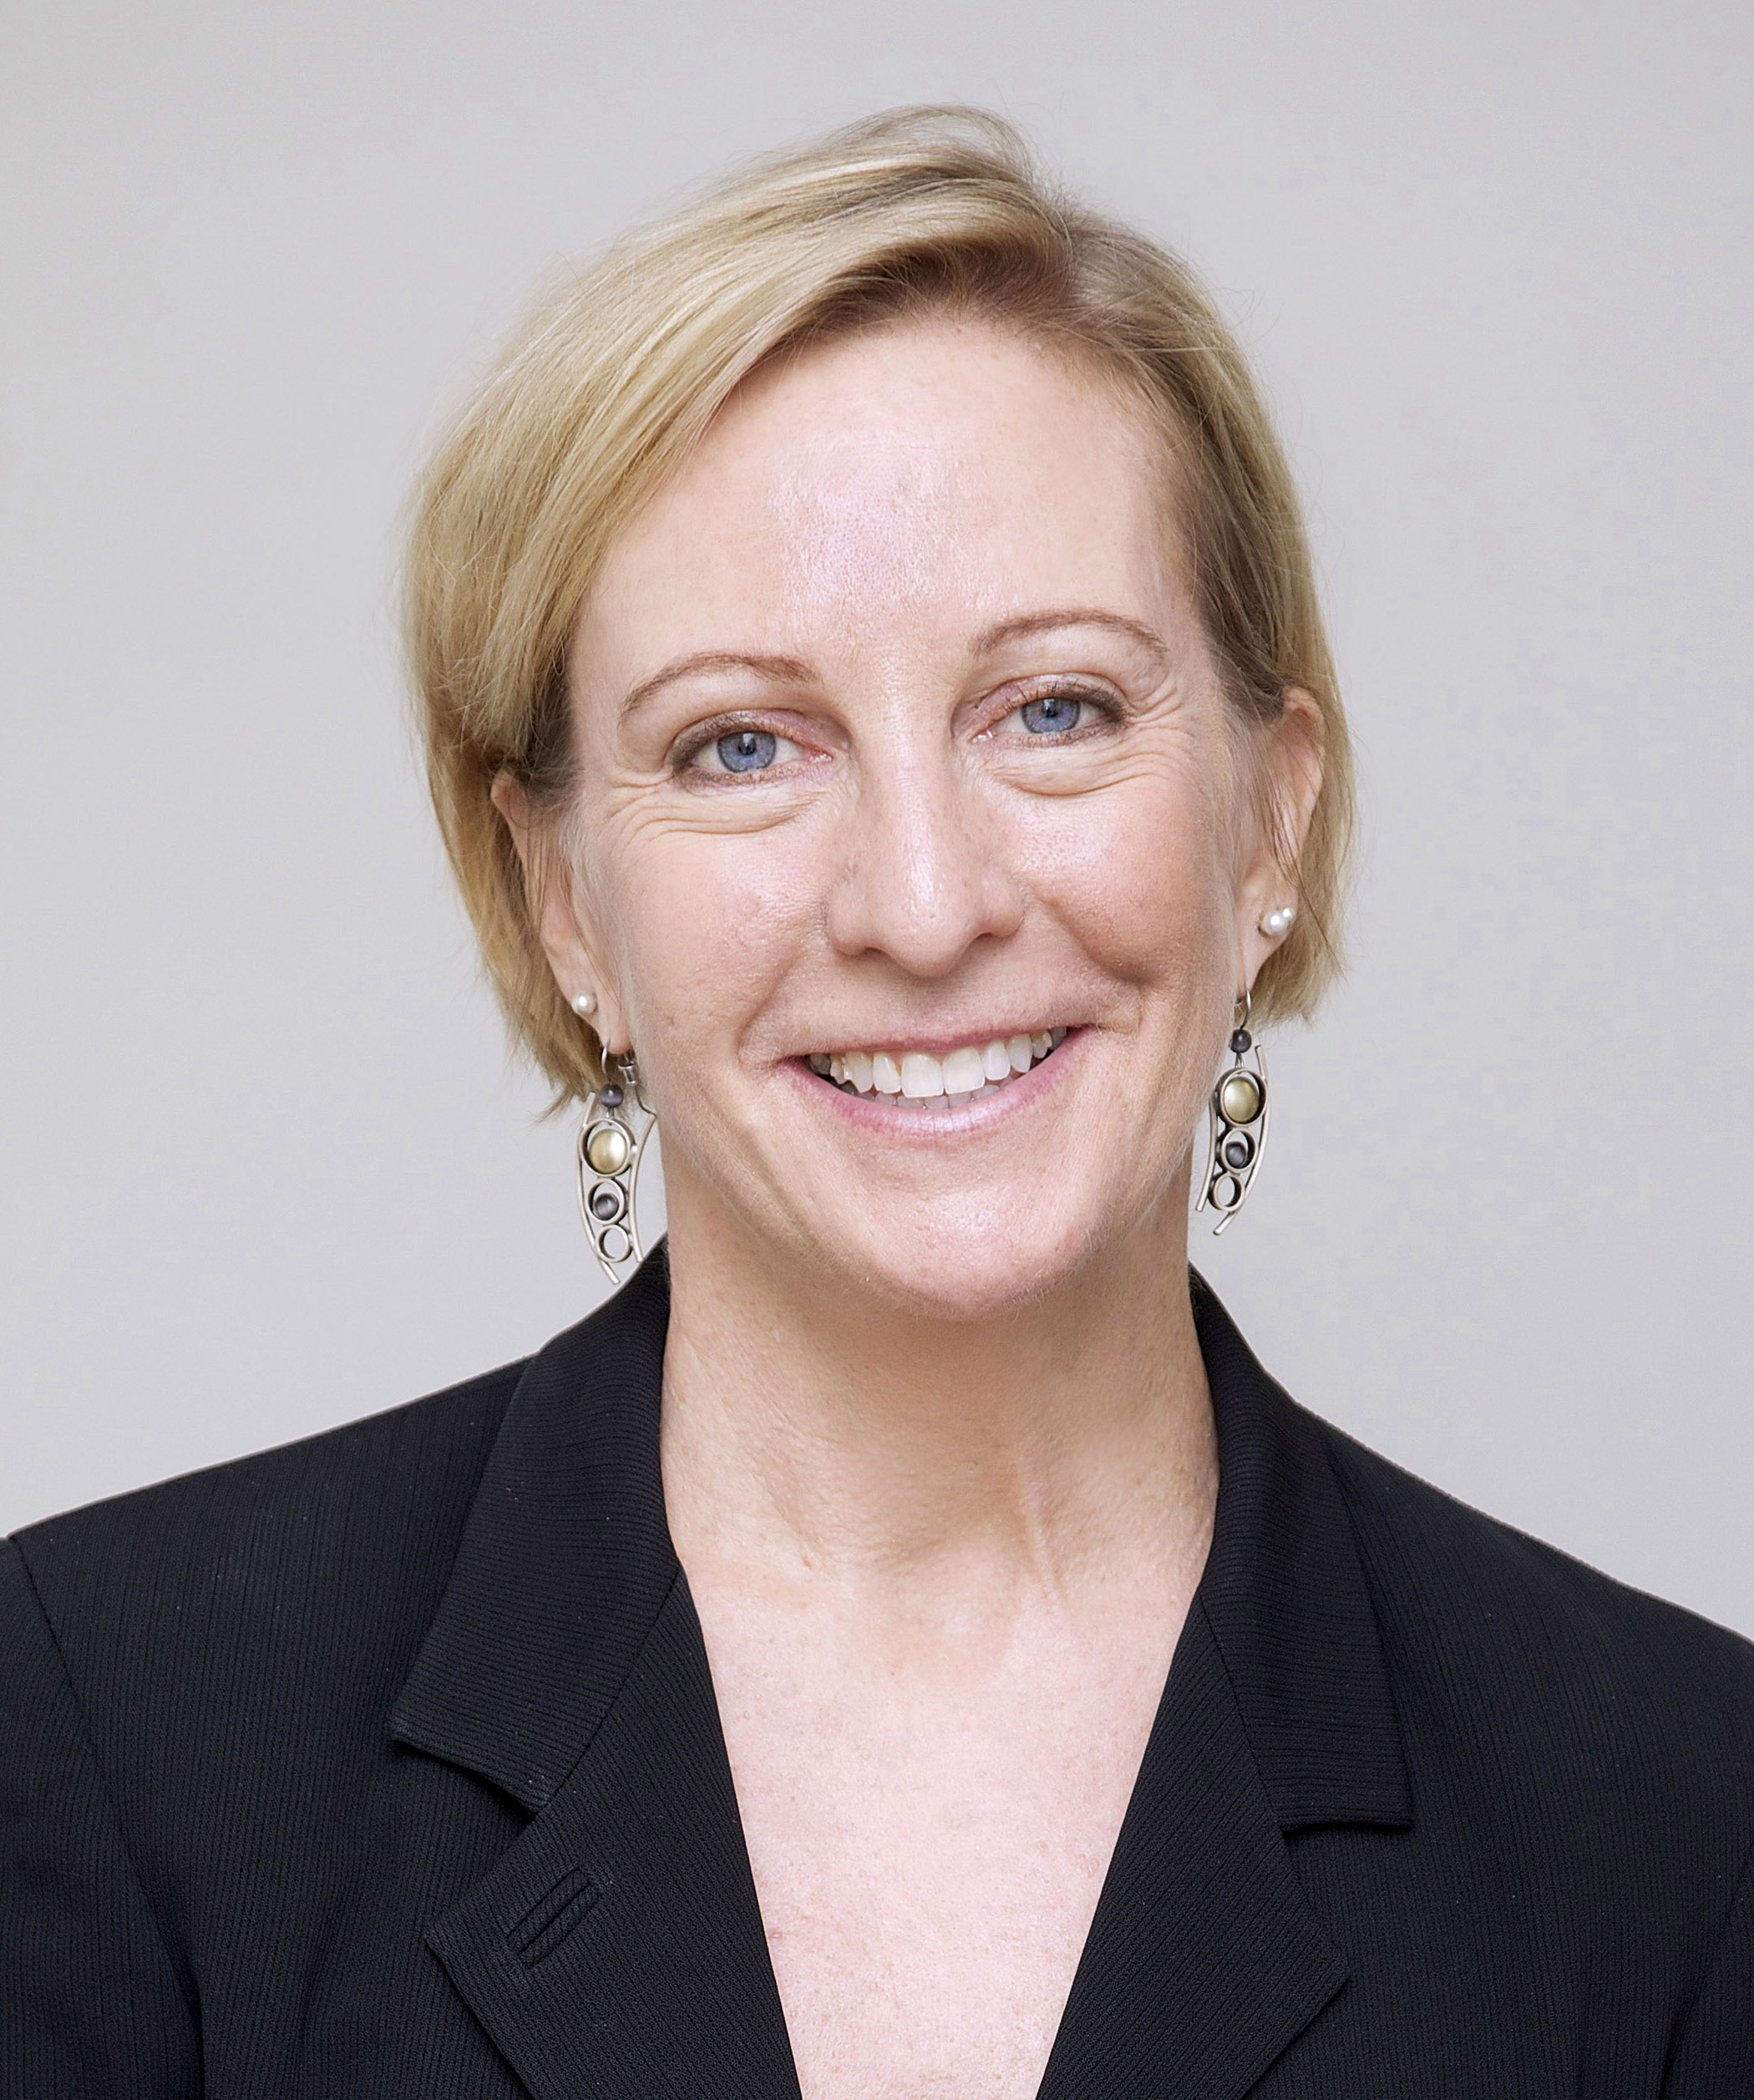 Elizabeth Arledge headshot